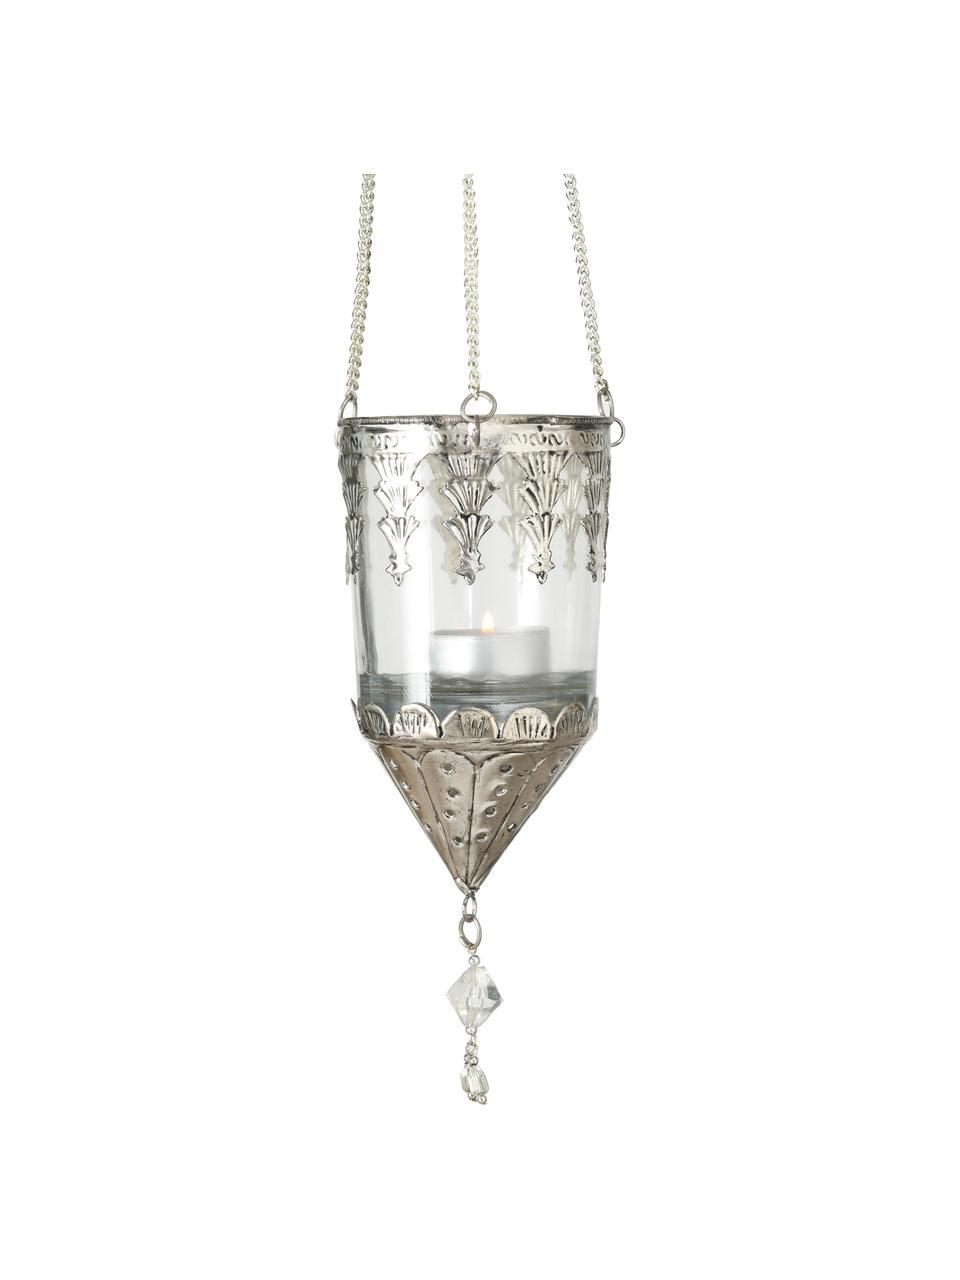 Komplet latarenek Cosa, 3 elem., Transparentny, odcienie srebrnego, Ø 9 x W 23 cm